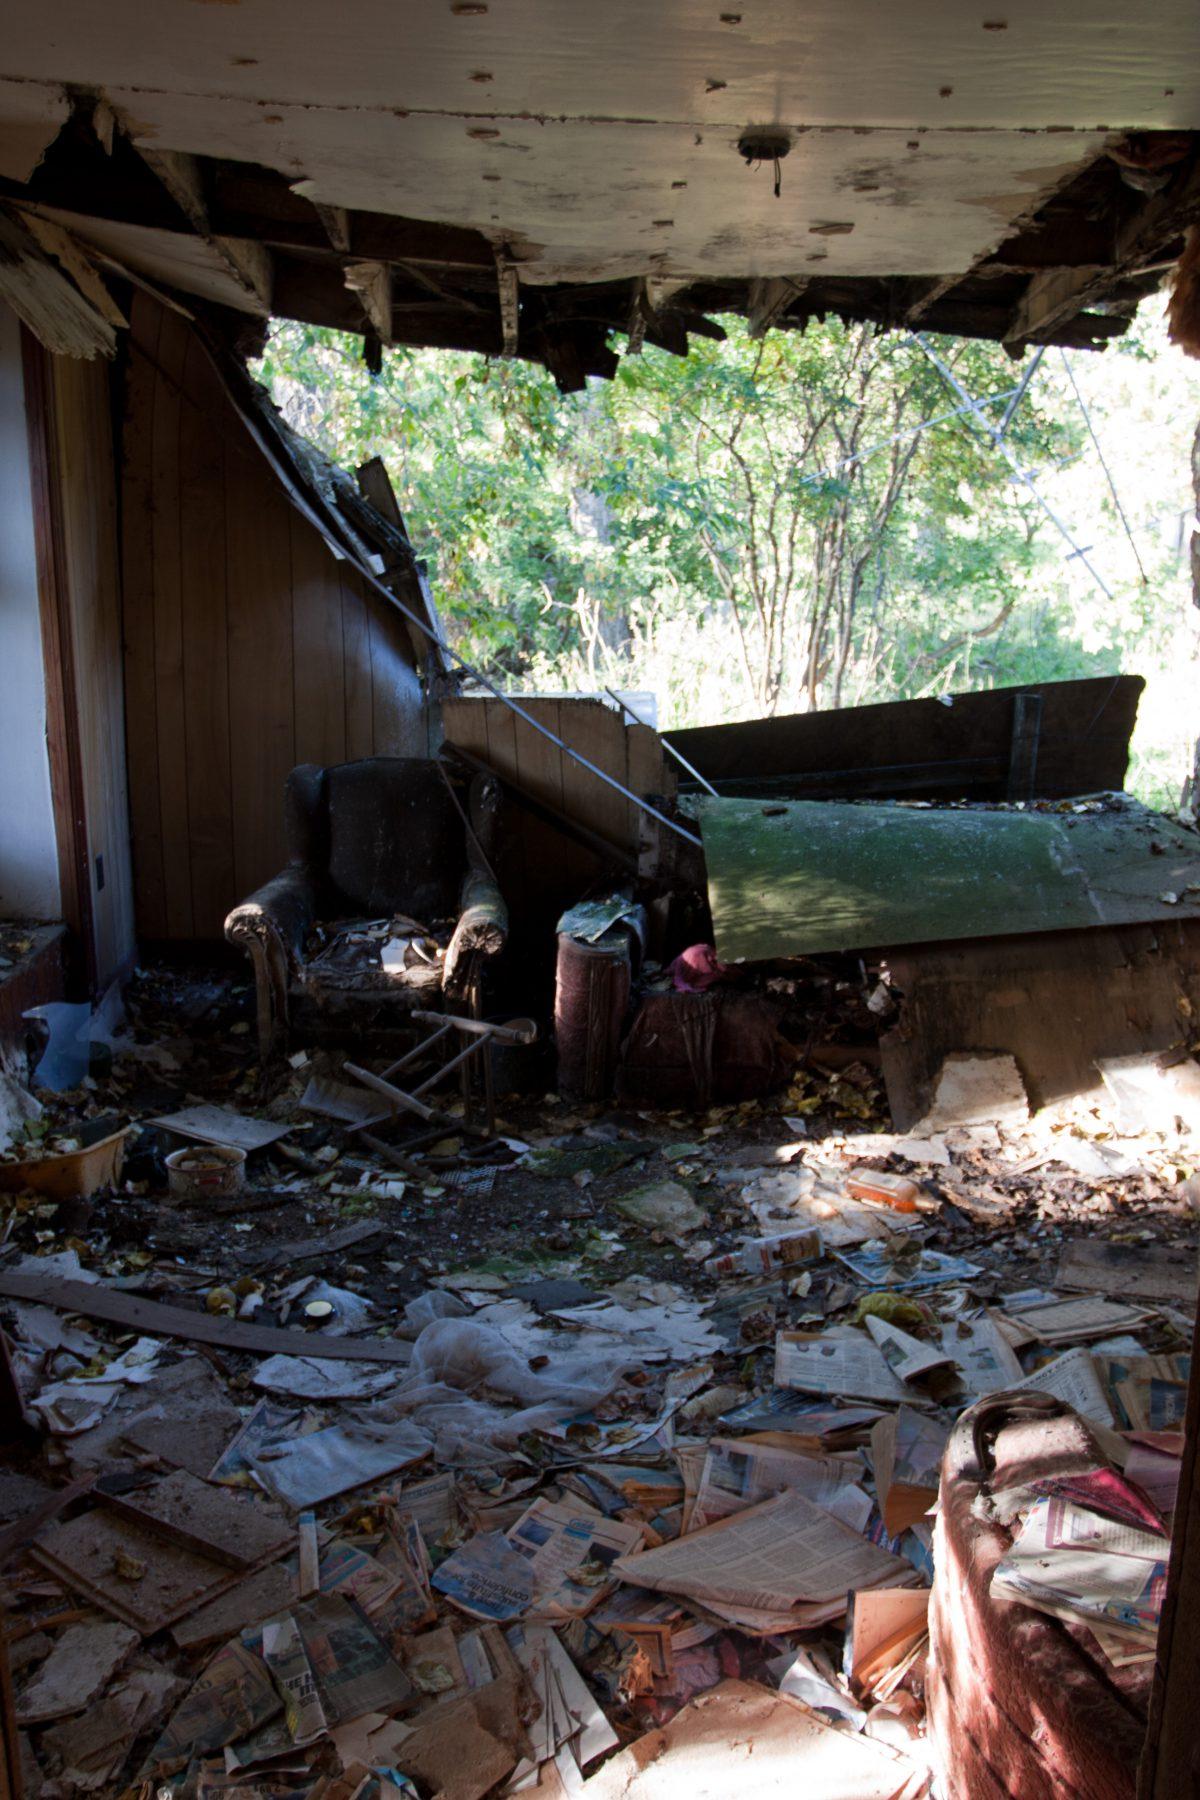 Abandonded, house